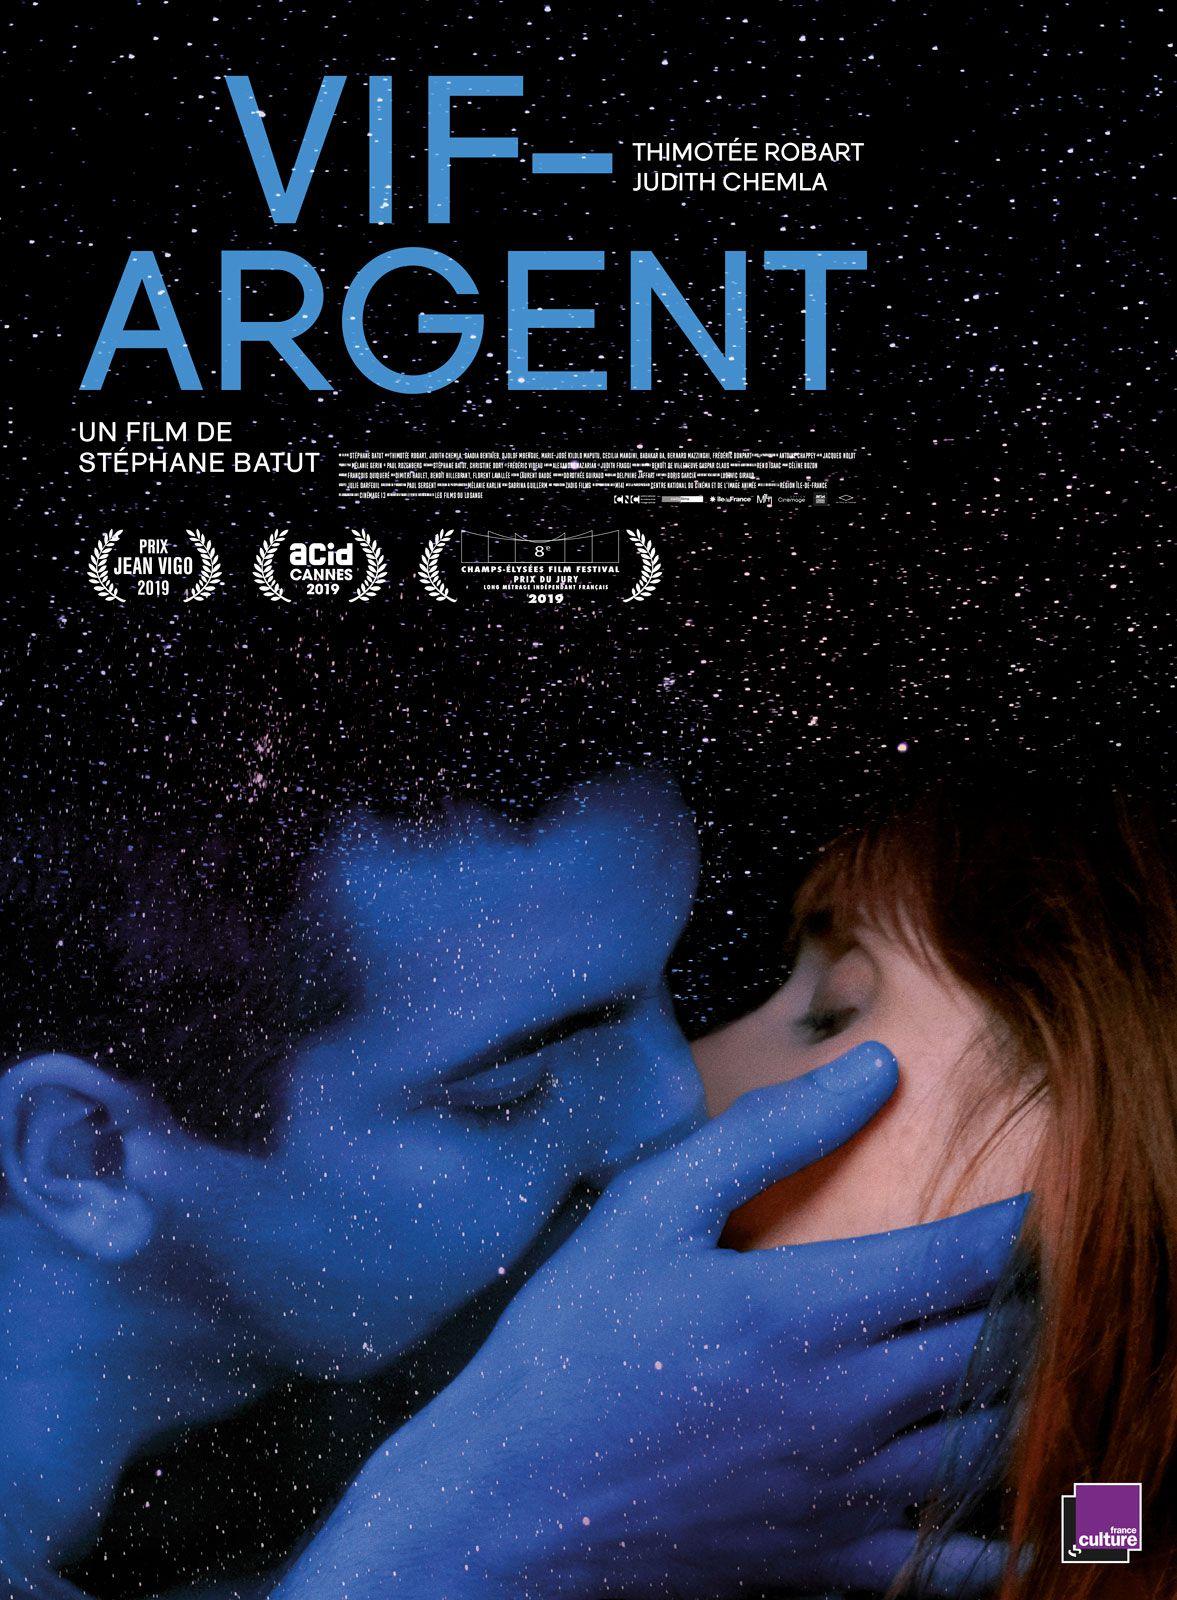 Vif-Argent - Film (2019)